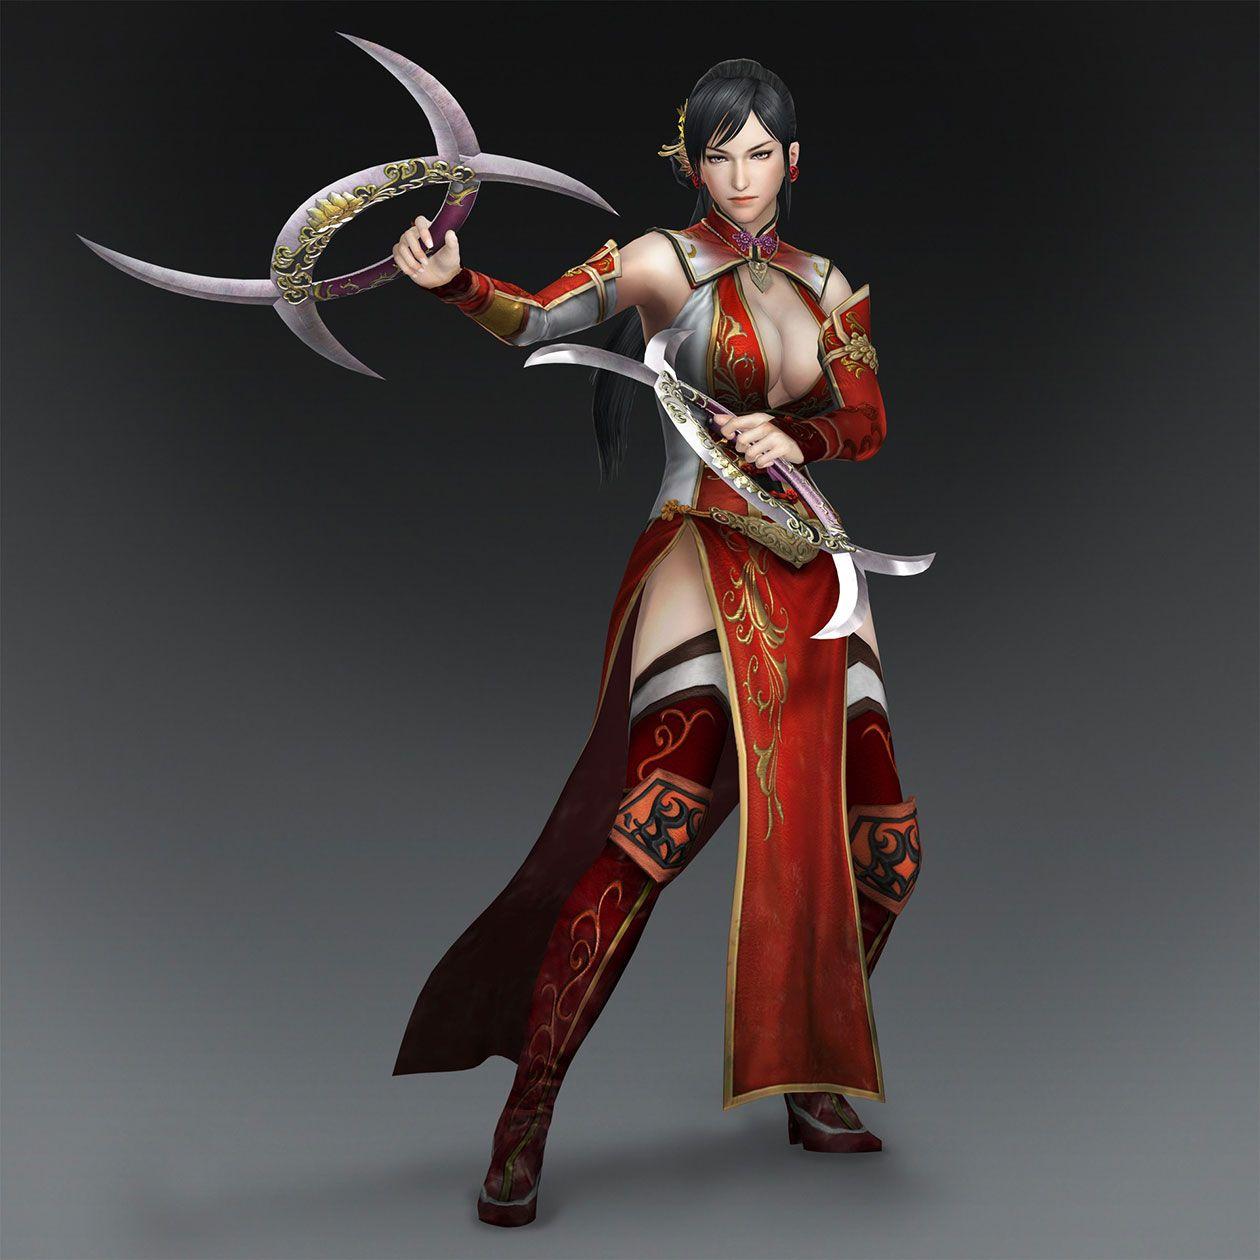 Warriors Orochi 3 Lian Shi: Lian Shi & Weapon (Wu Forces)